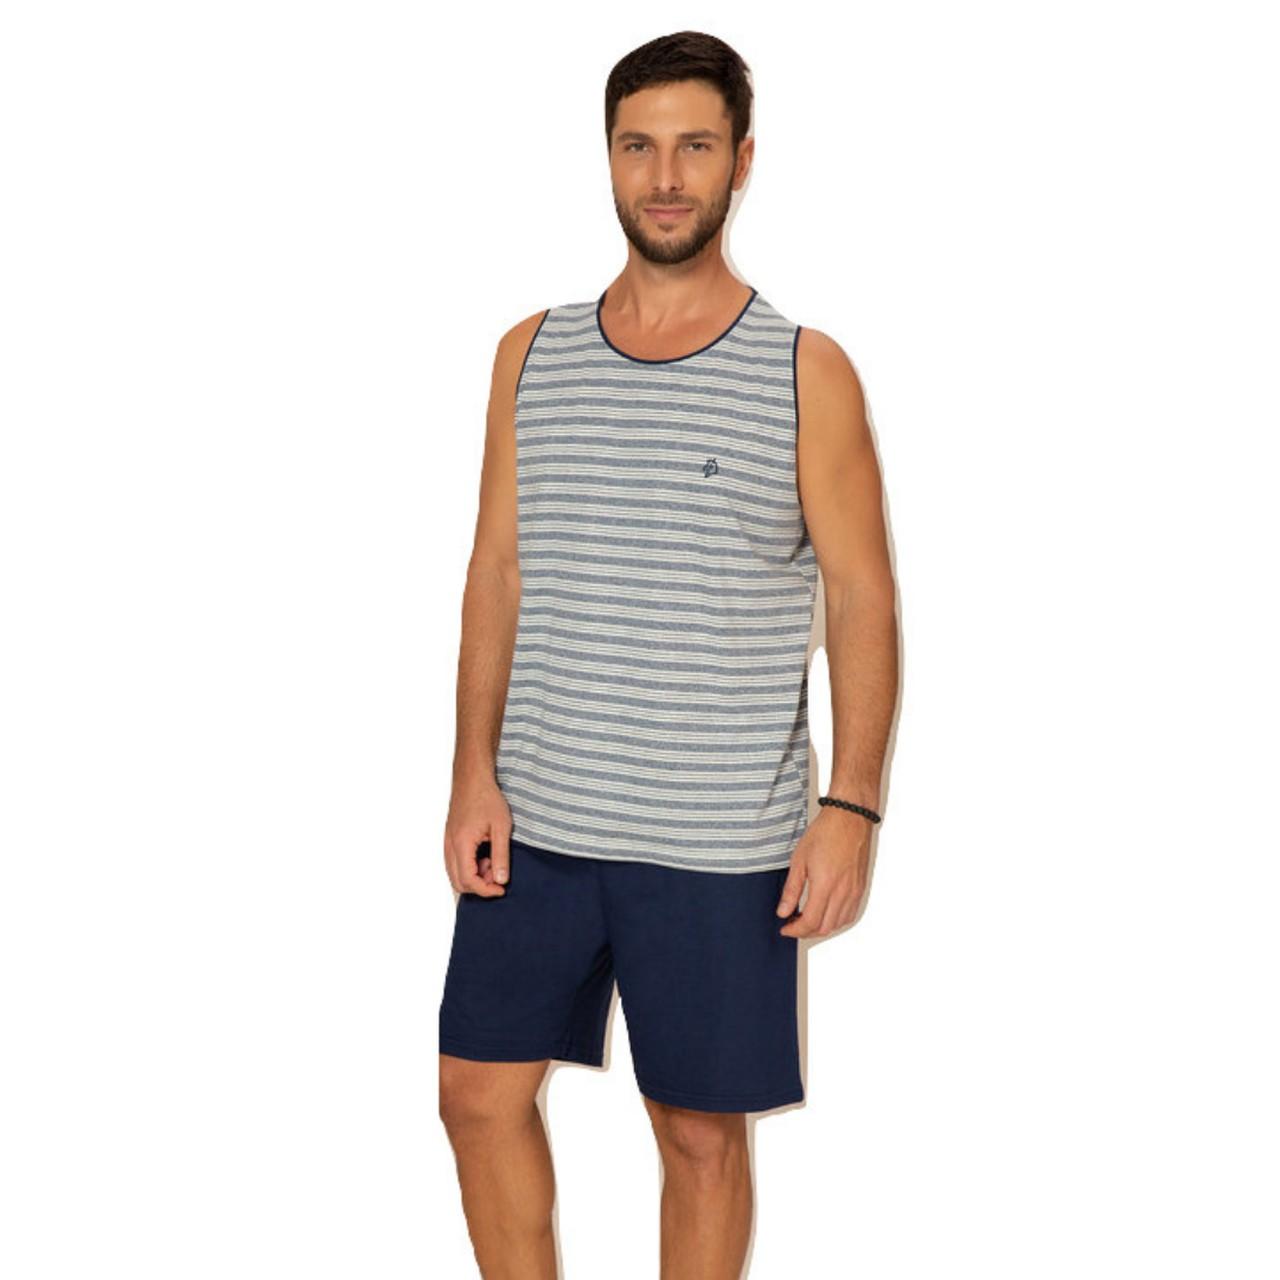 Pijama adulto masculino verão blusa regata bermuda